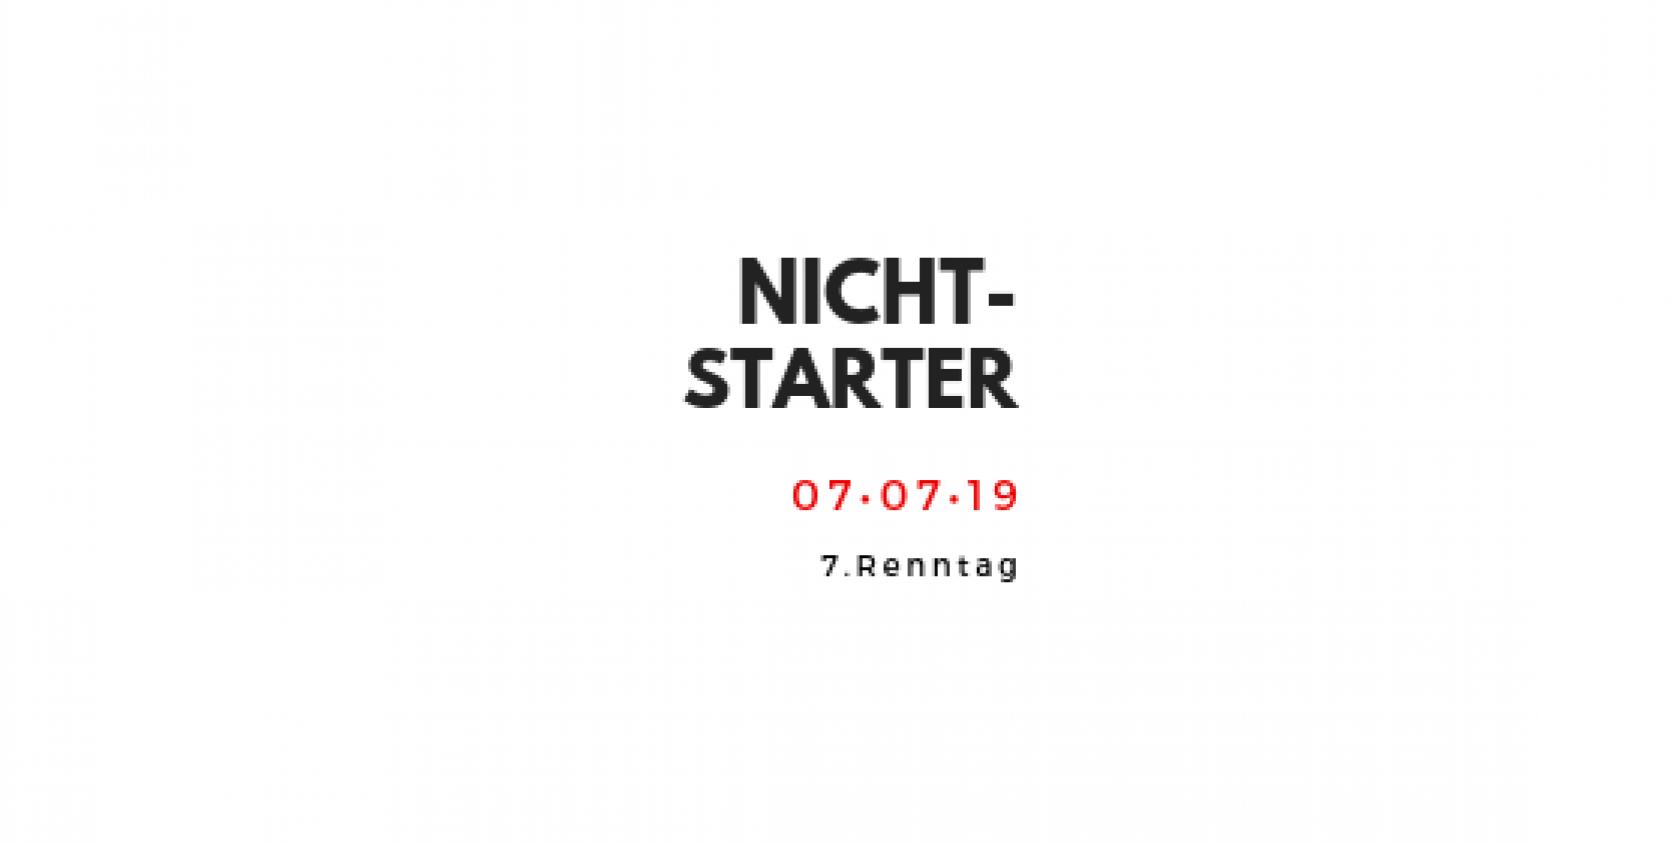 Nichtstarter am 7. Renntag, Samstag 07. Juli 2019